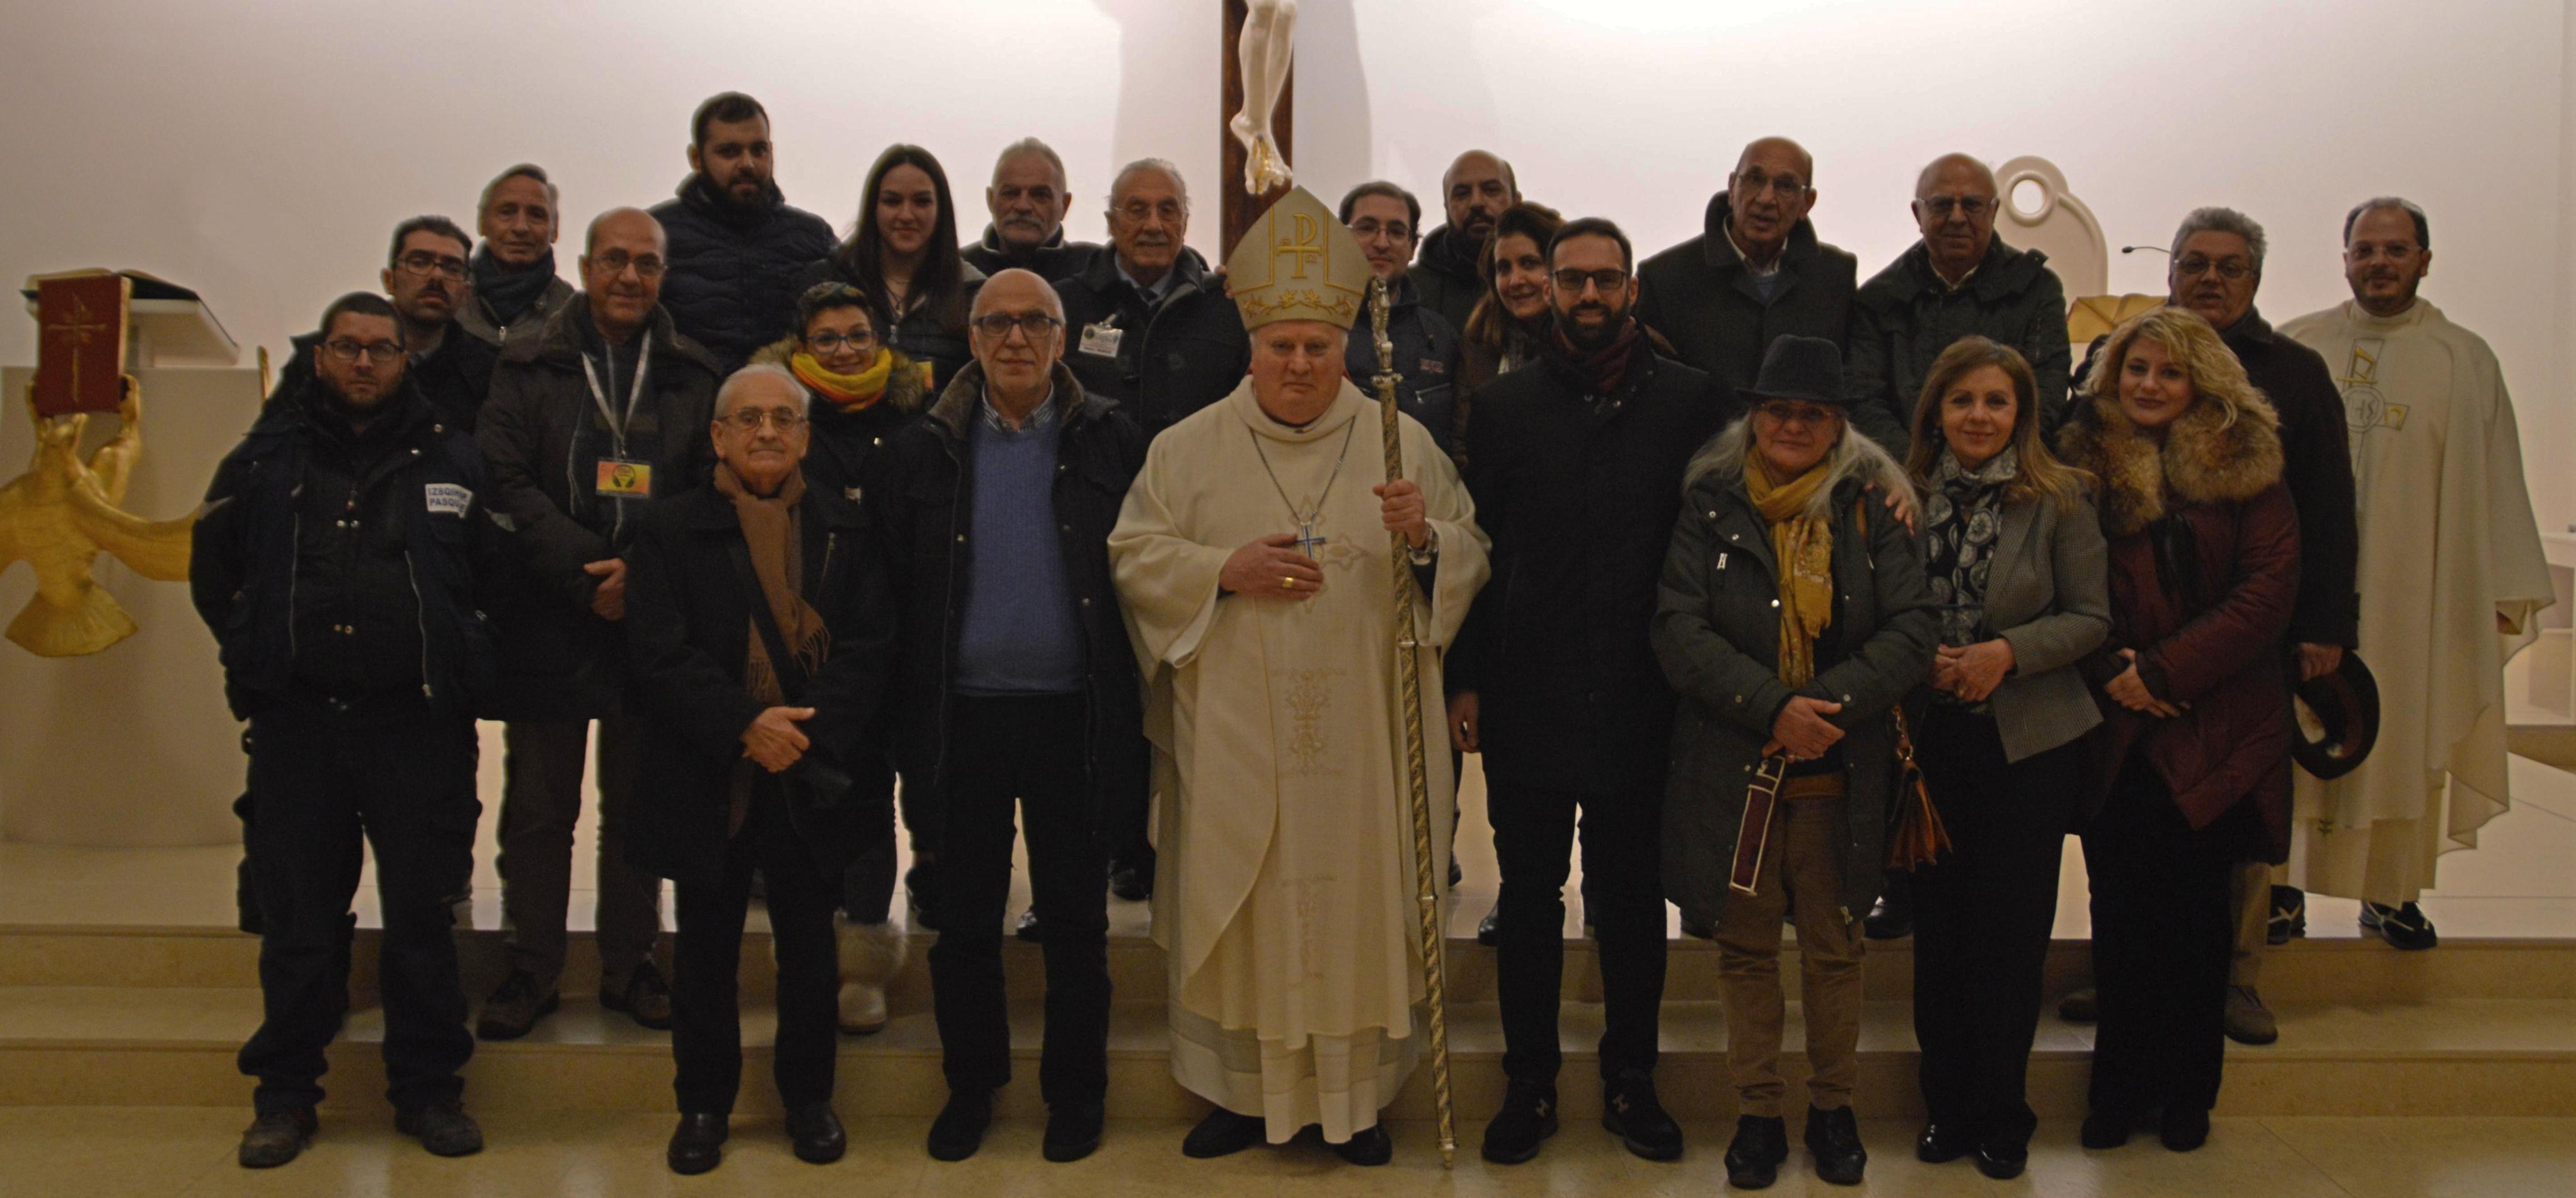 Incontro dei Giornalisti e degli Operatori della Comunicazione con l'Arcivescovo